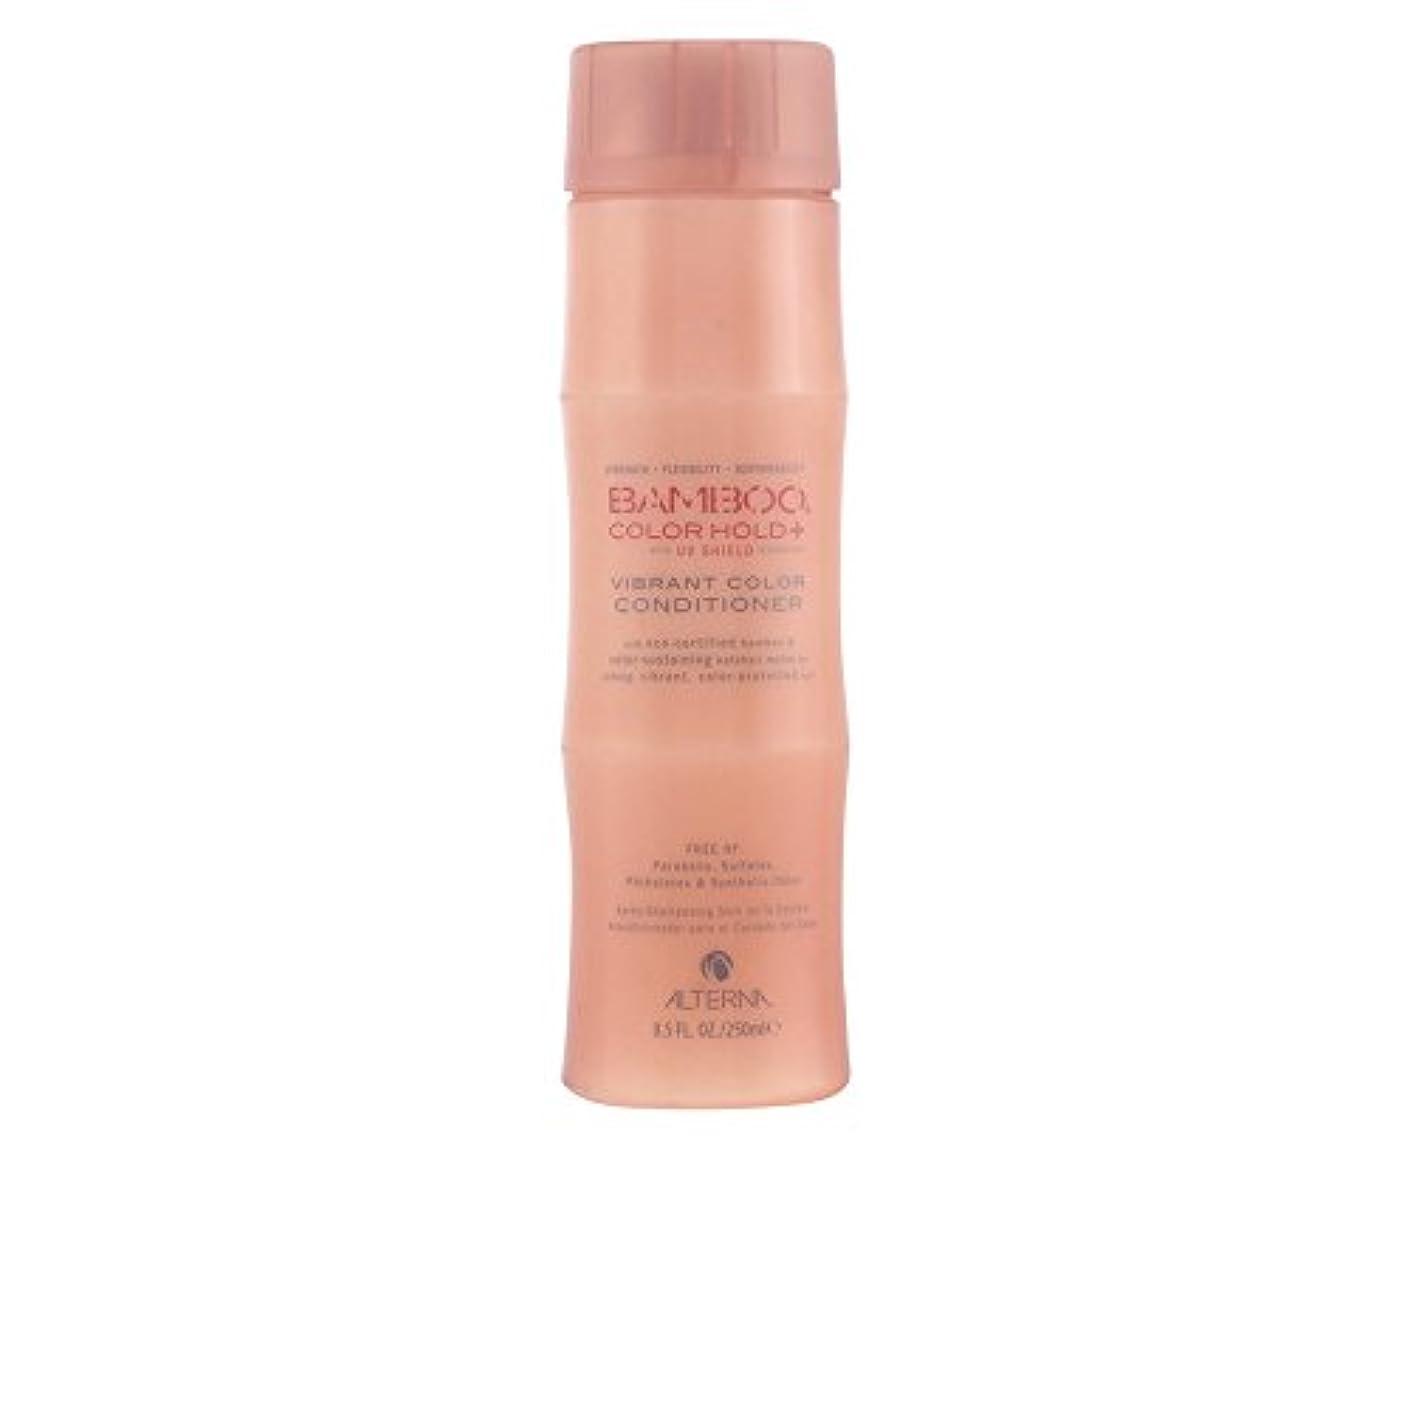 長さ来てリースBamboo Color Hold+ Color Protection Vibrant Color Conditioner (For Strong Vibrant Color-Protected Hair) - 250ml...